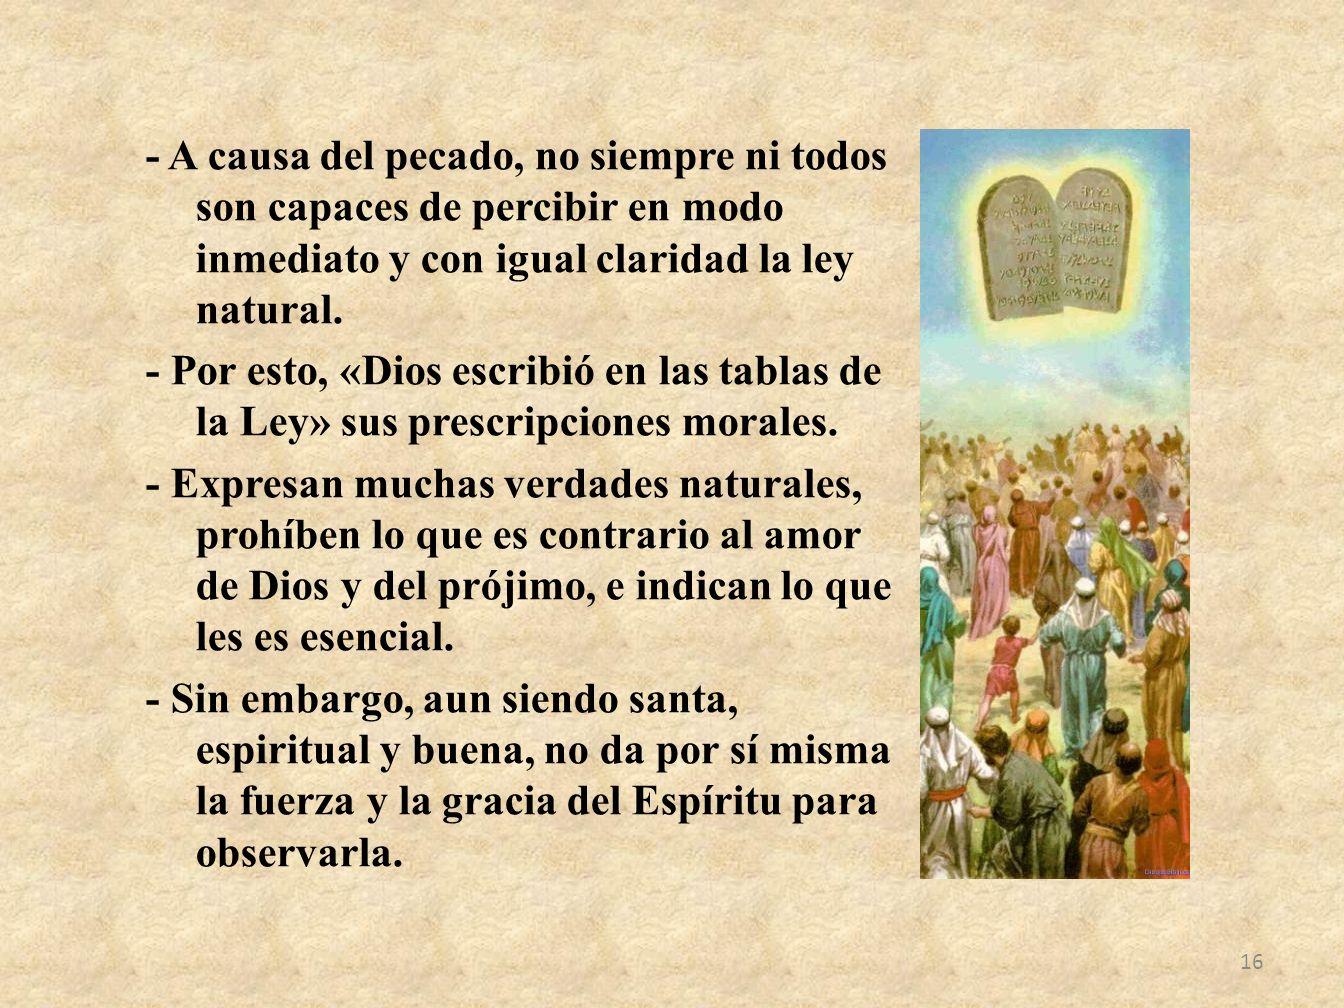 - A causa del pecado, no siempre ni todos son capaces de percibir en modo inmediato y con igual claridad la ley natural. - Por esto, «Dios escribió en